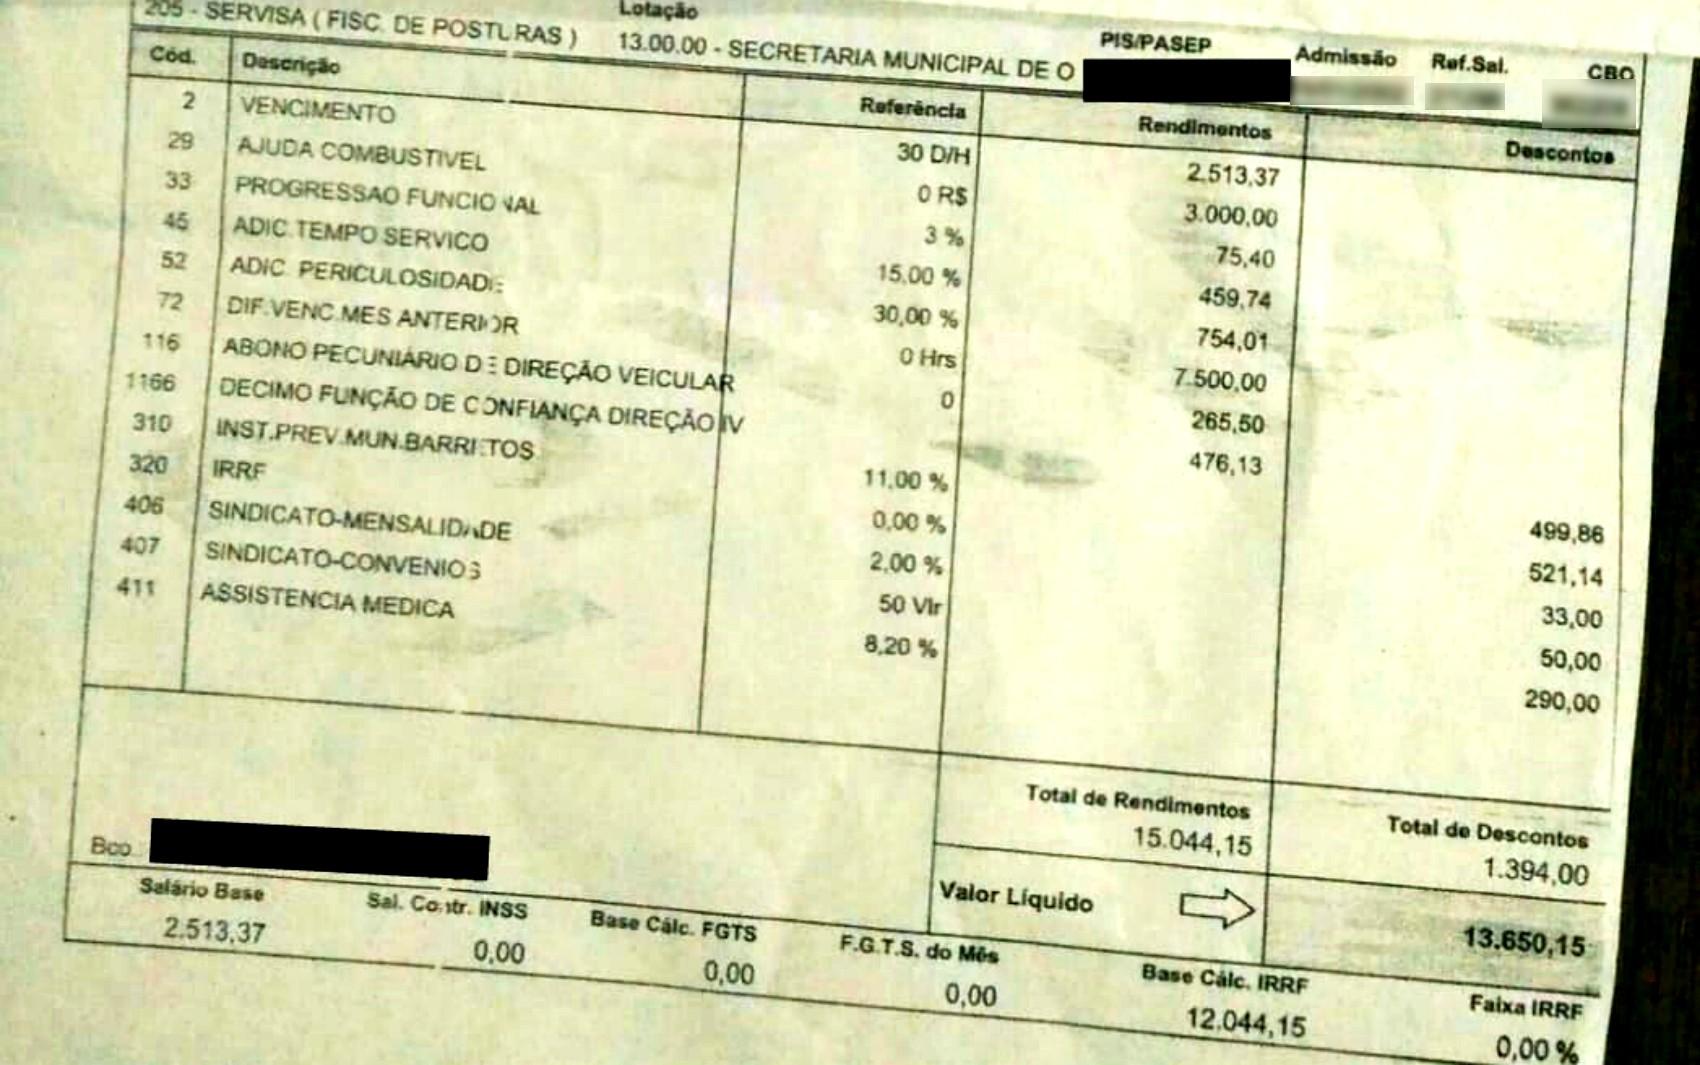 MP denuncia 96 servidores da Prefeitura de Barretos, SP, por desvio de R$ 7,2 milhões na fraude dos holerites